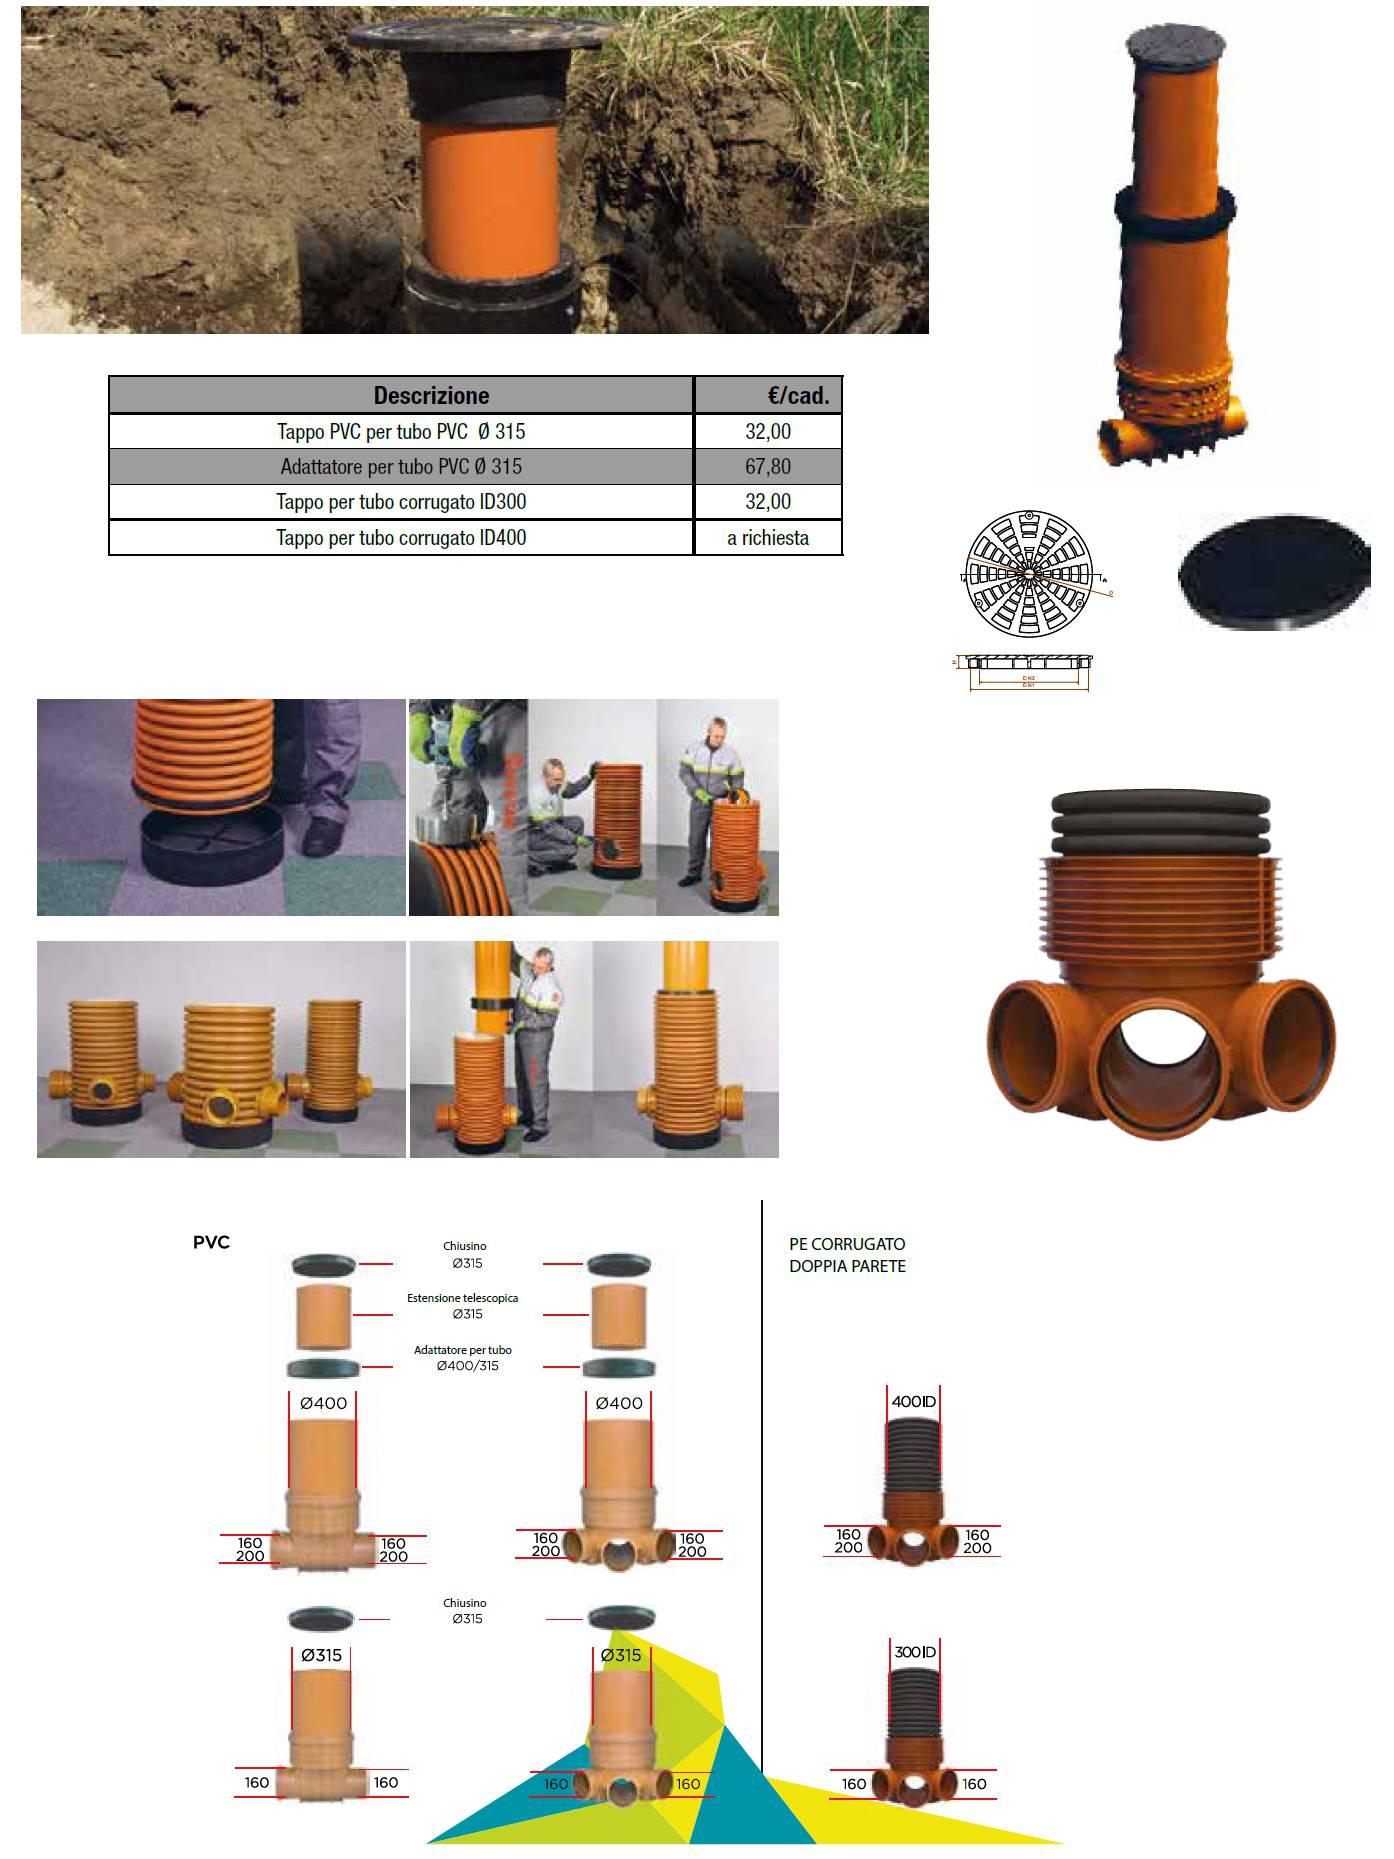 PROLUNGHE-COPERCHI-ADATTATORI-PER-POZZETTI-PVC-LAMPLAST-LISTINO-2021